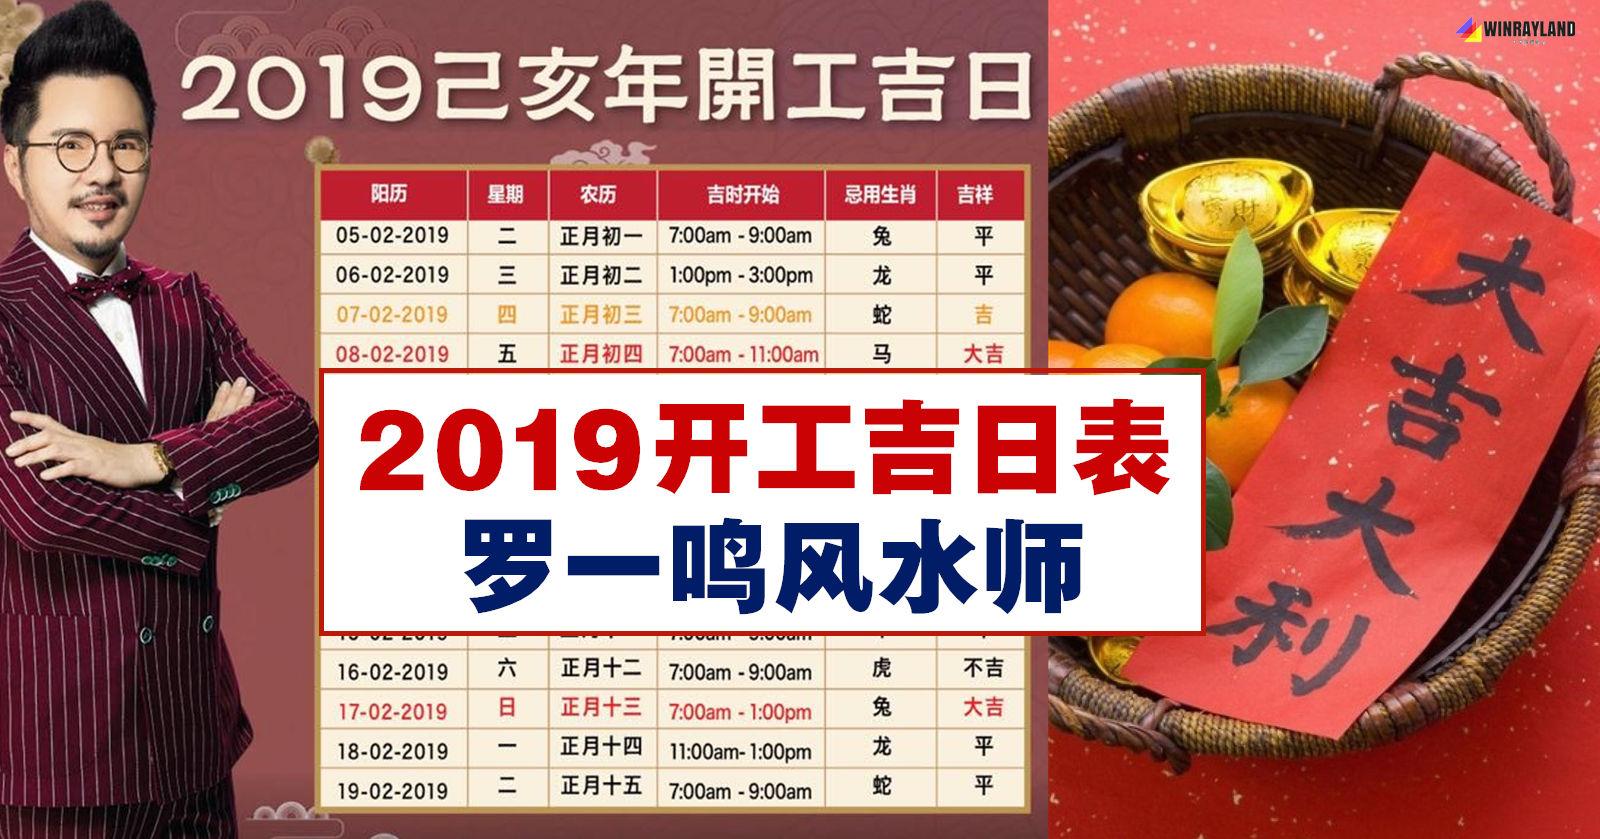 2019罗一鸣风水师开工吉日表